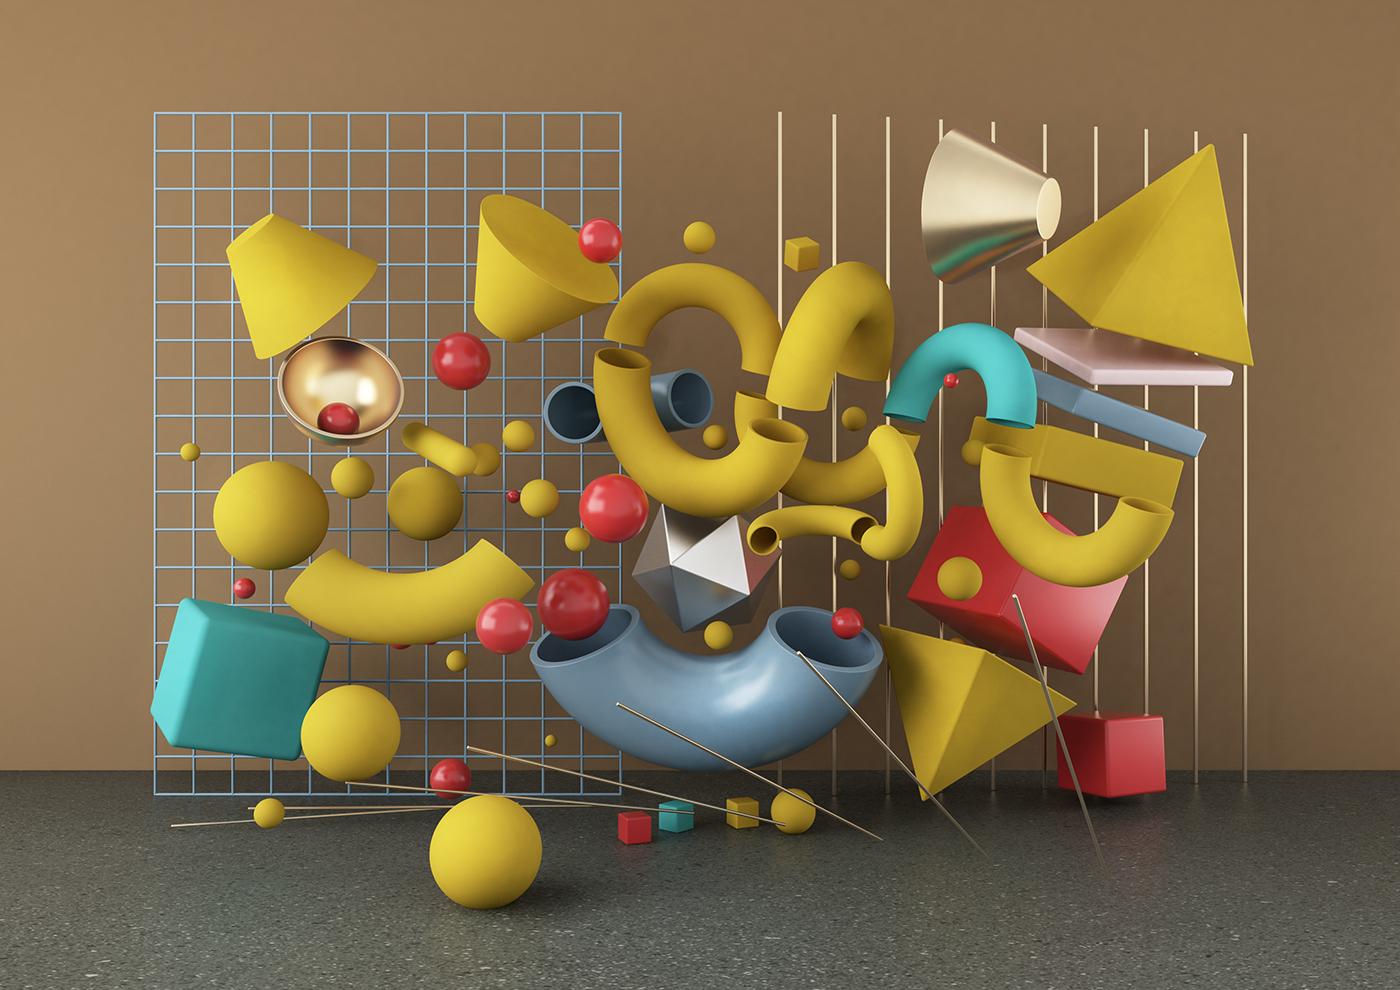 Arman accumulation 3D set 3D Set Design 3D illustration Elise CG Set 3D object 3d design 3dcg